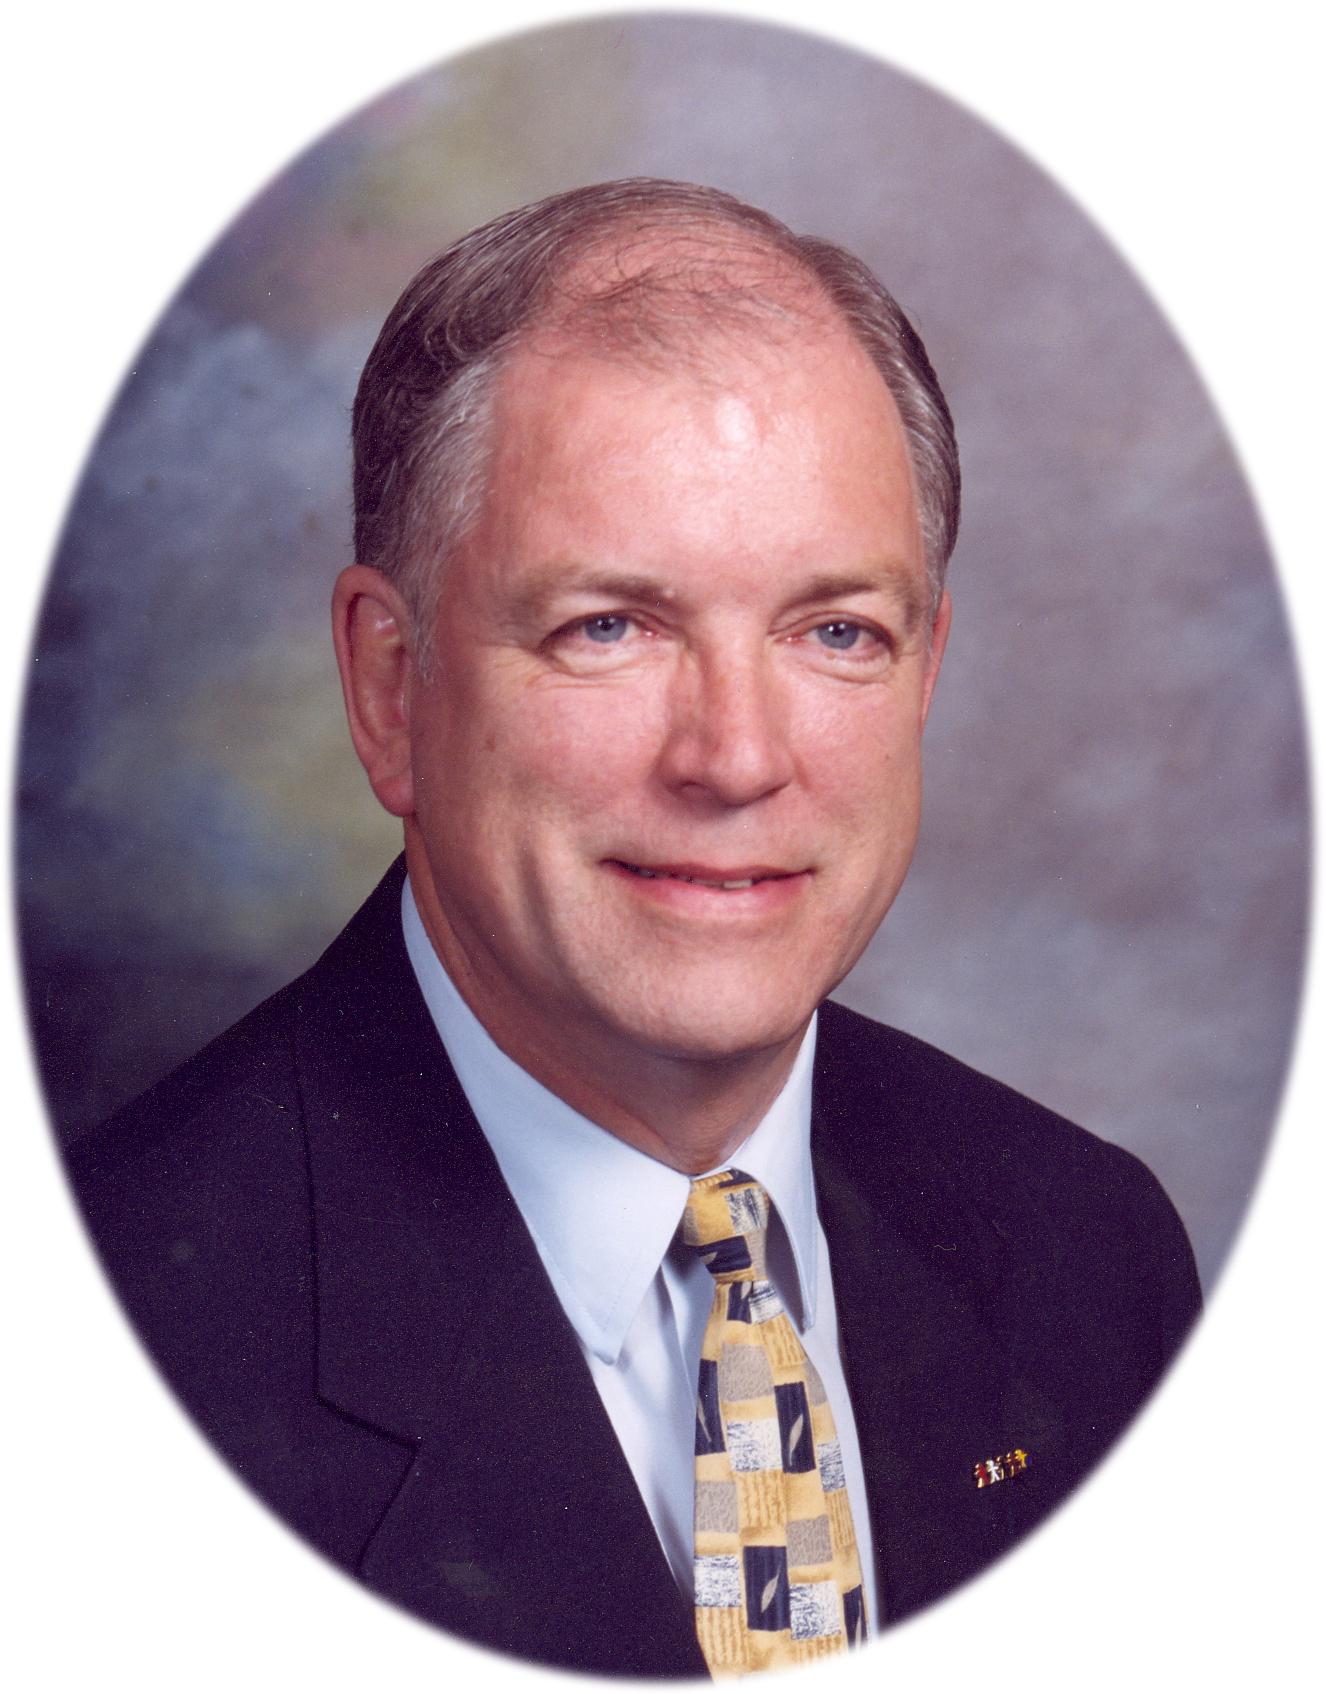 Lester O. Kimmons